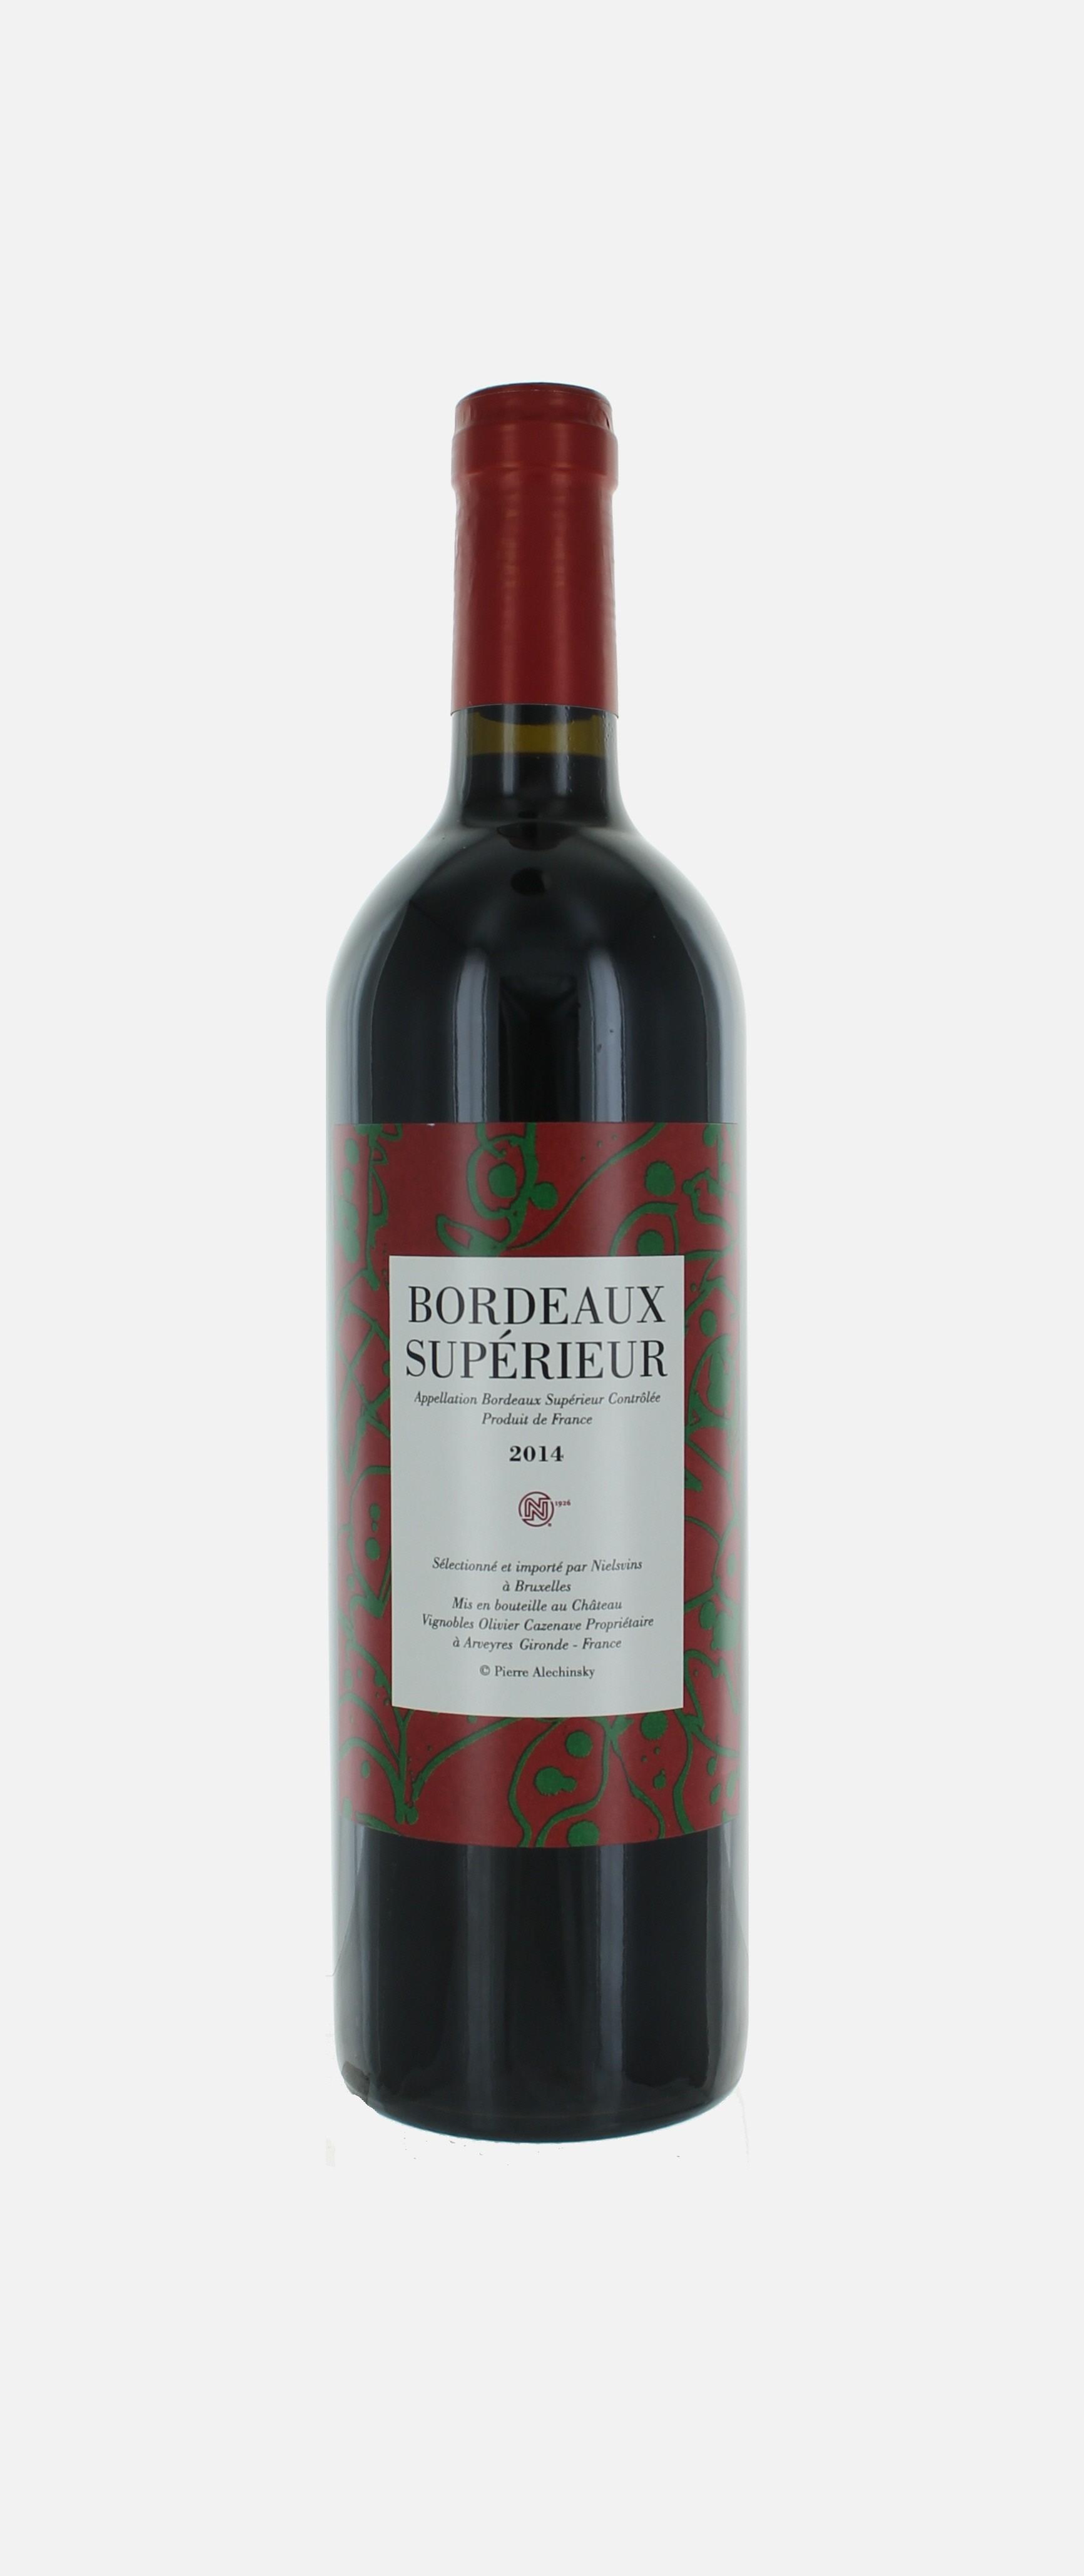 Bordeaux étiquette  Alechinsky, Olivier Cazenave